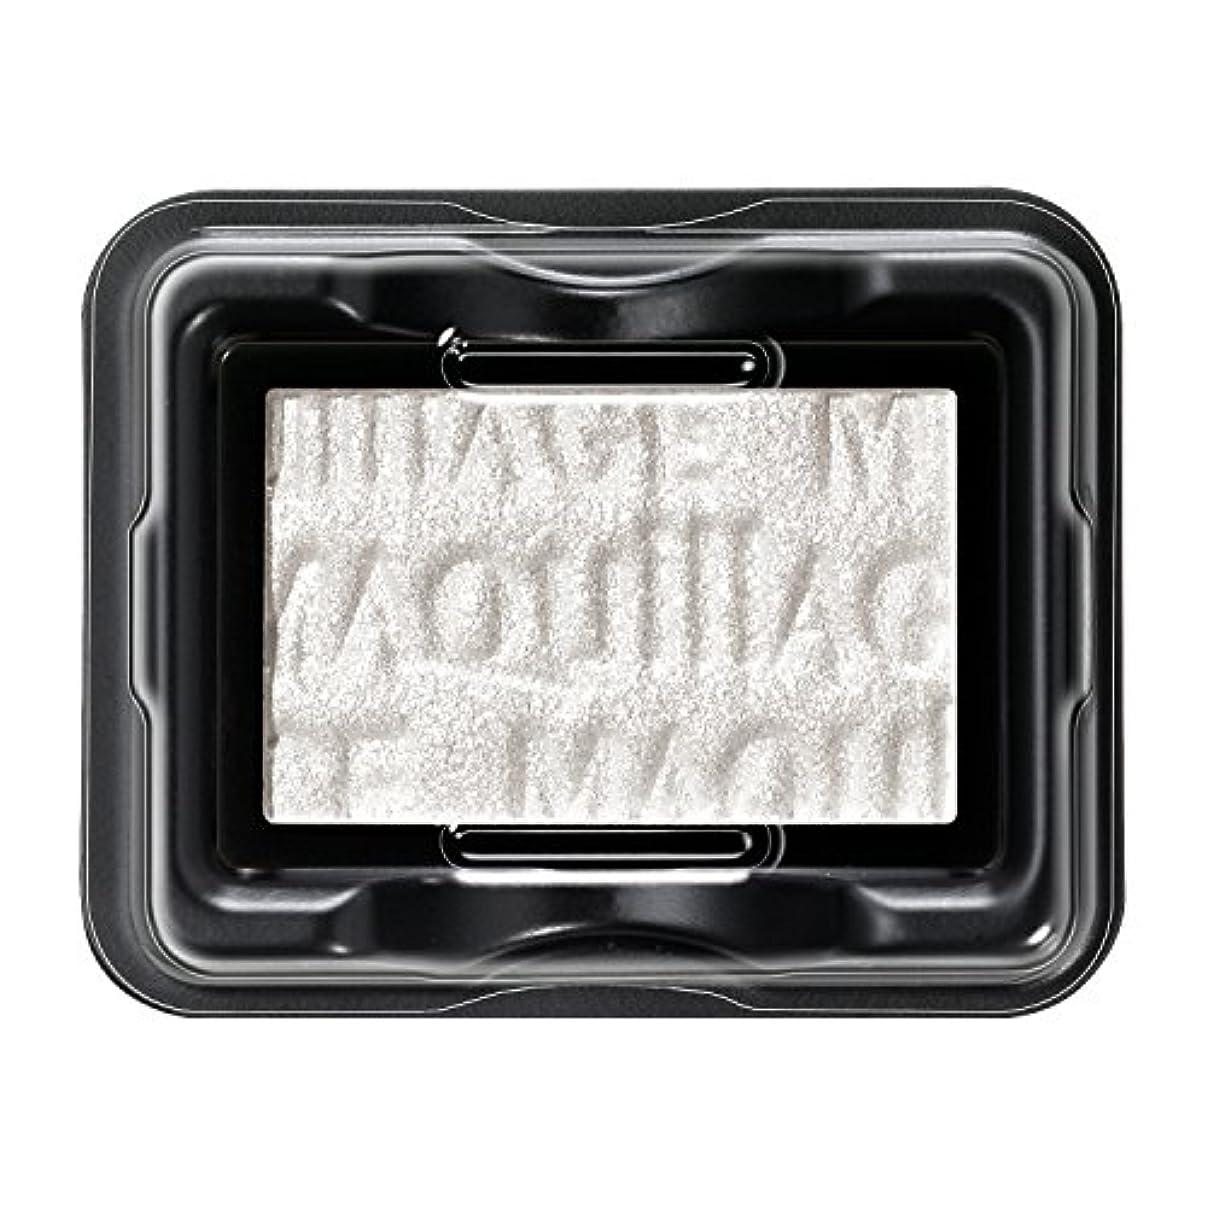 財布さようなら臭いマキアージュ アイカラー N (パウダーアイシャドウ) WT945 フラッシュカラー (レフィル) 1.3g